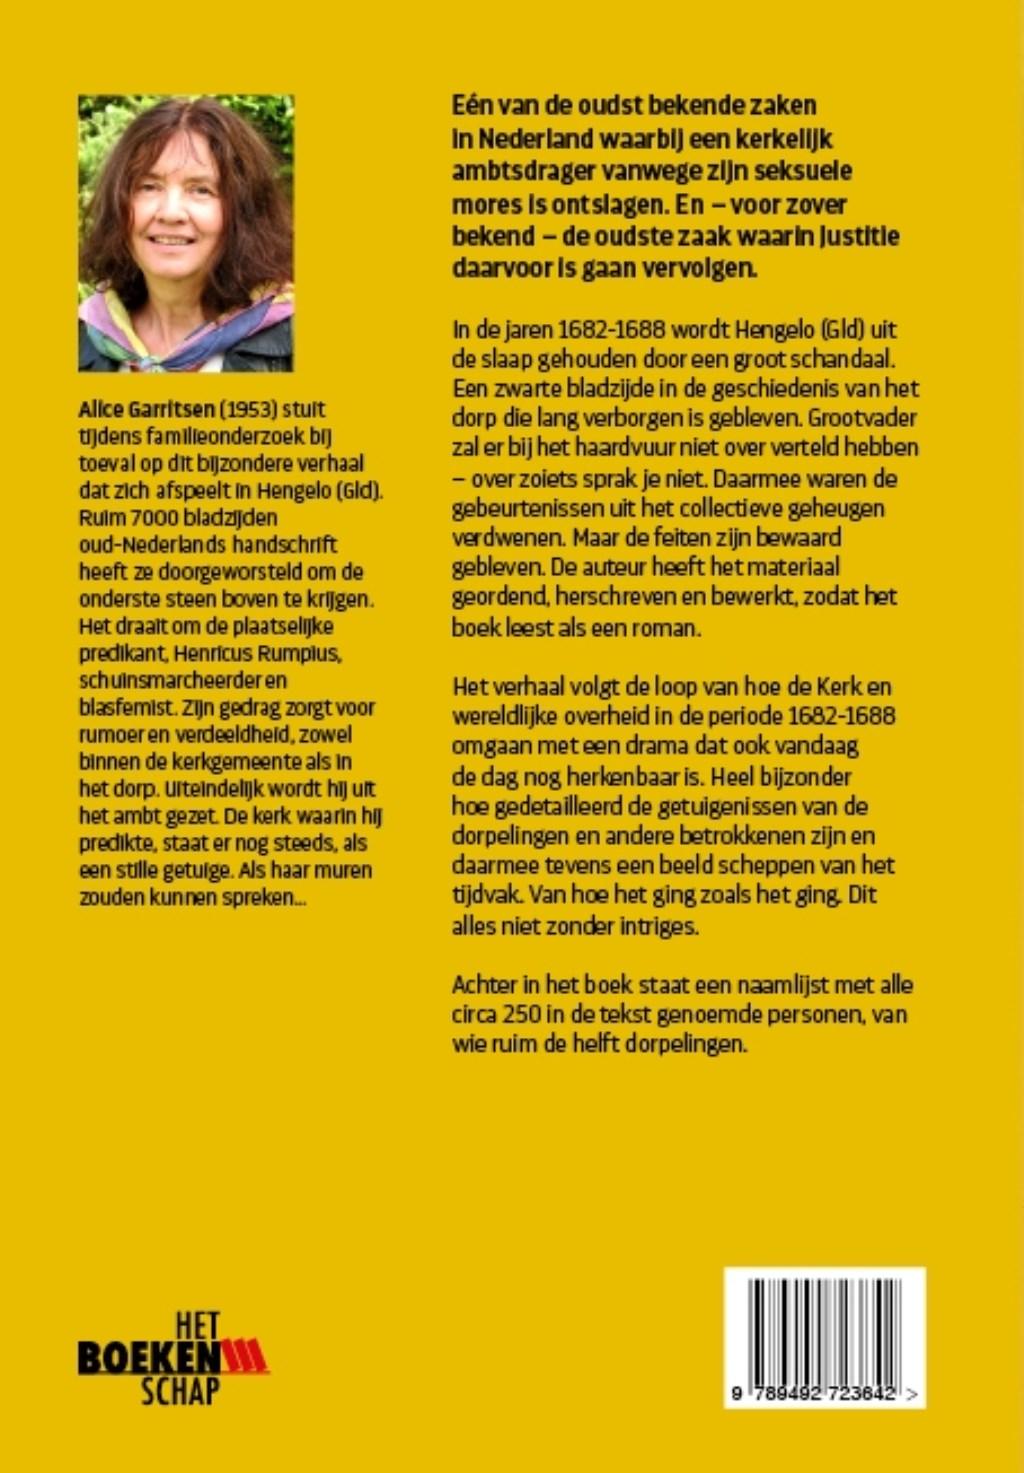 Cover, achterkant, van het boek van Alice Garritsen. Foto: PR Het Boekenschap  © Achterhoek Nieuws b.v.